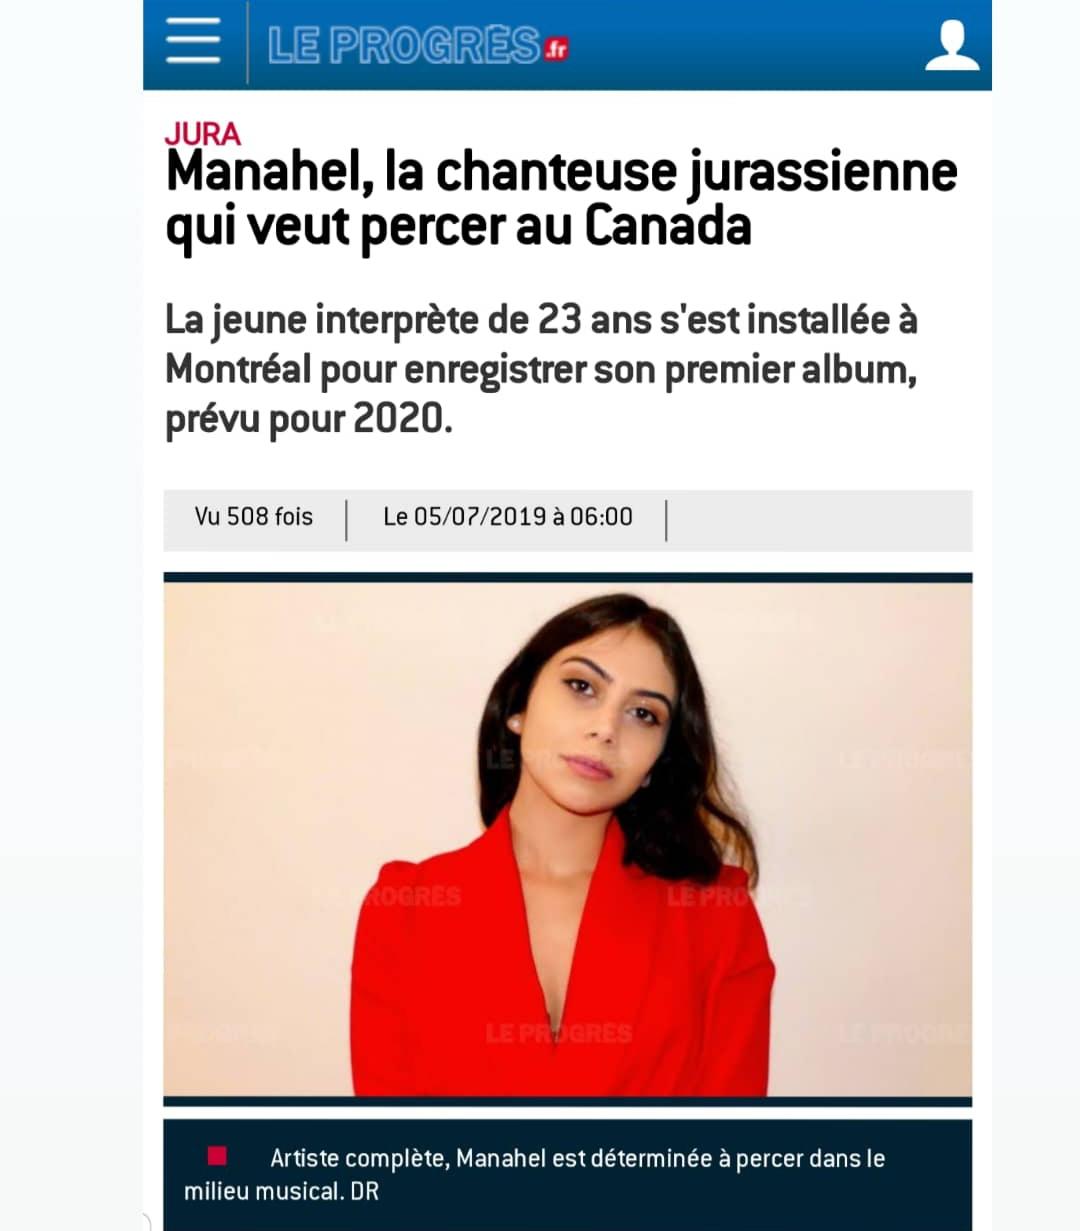 Article de presse en France